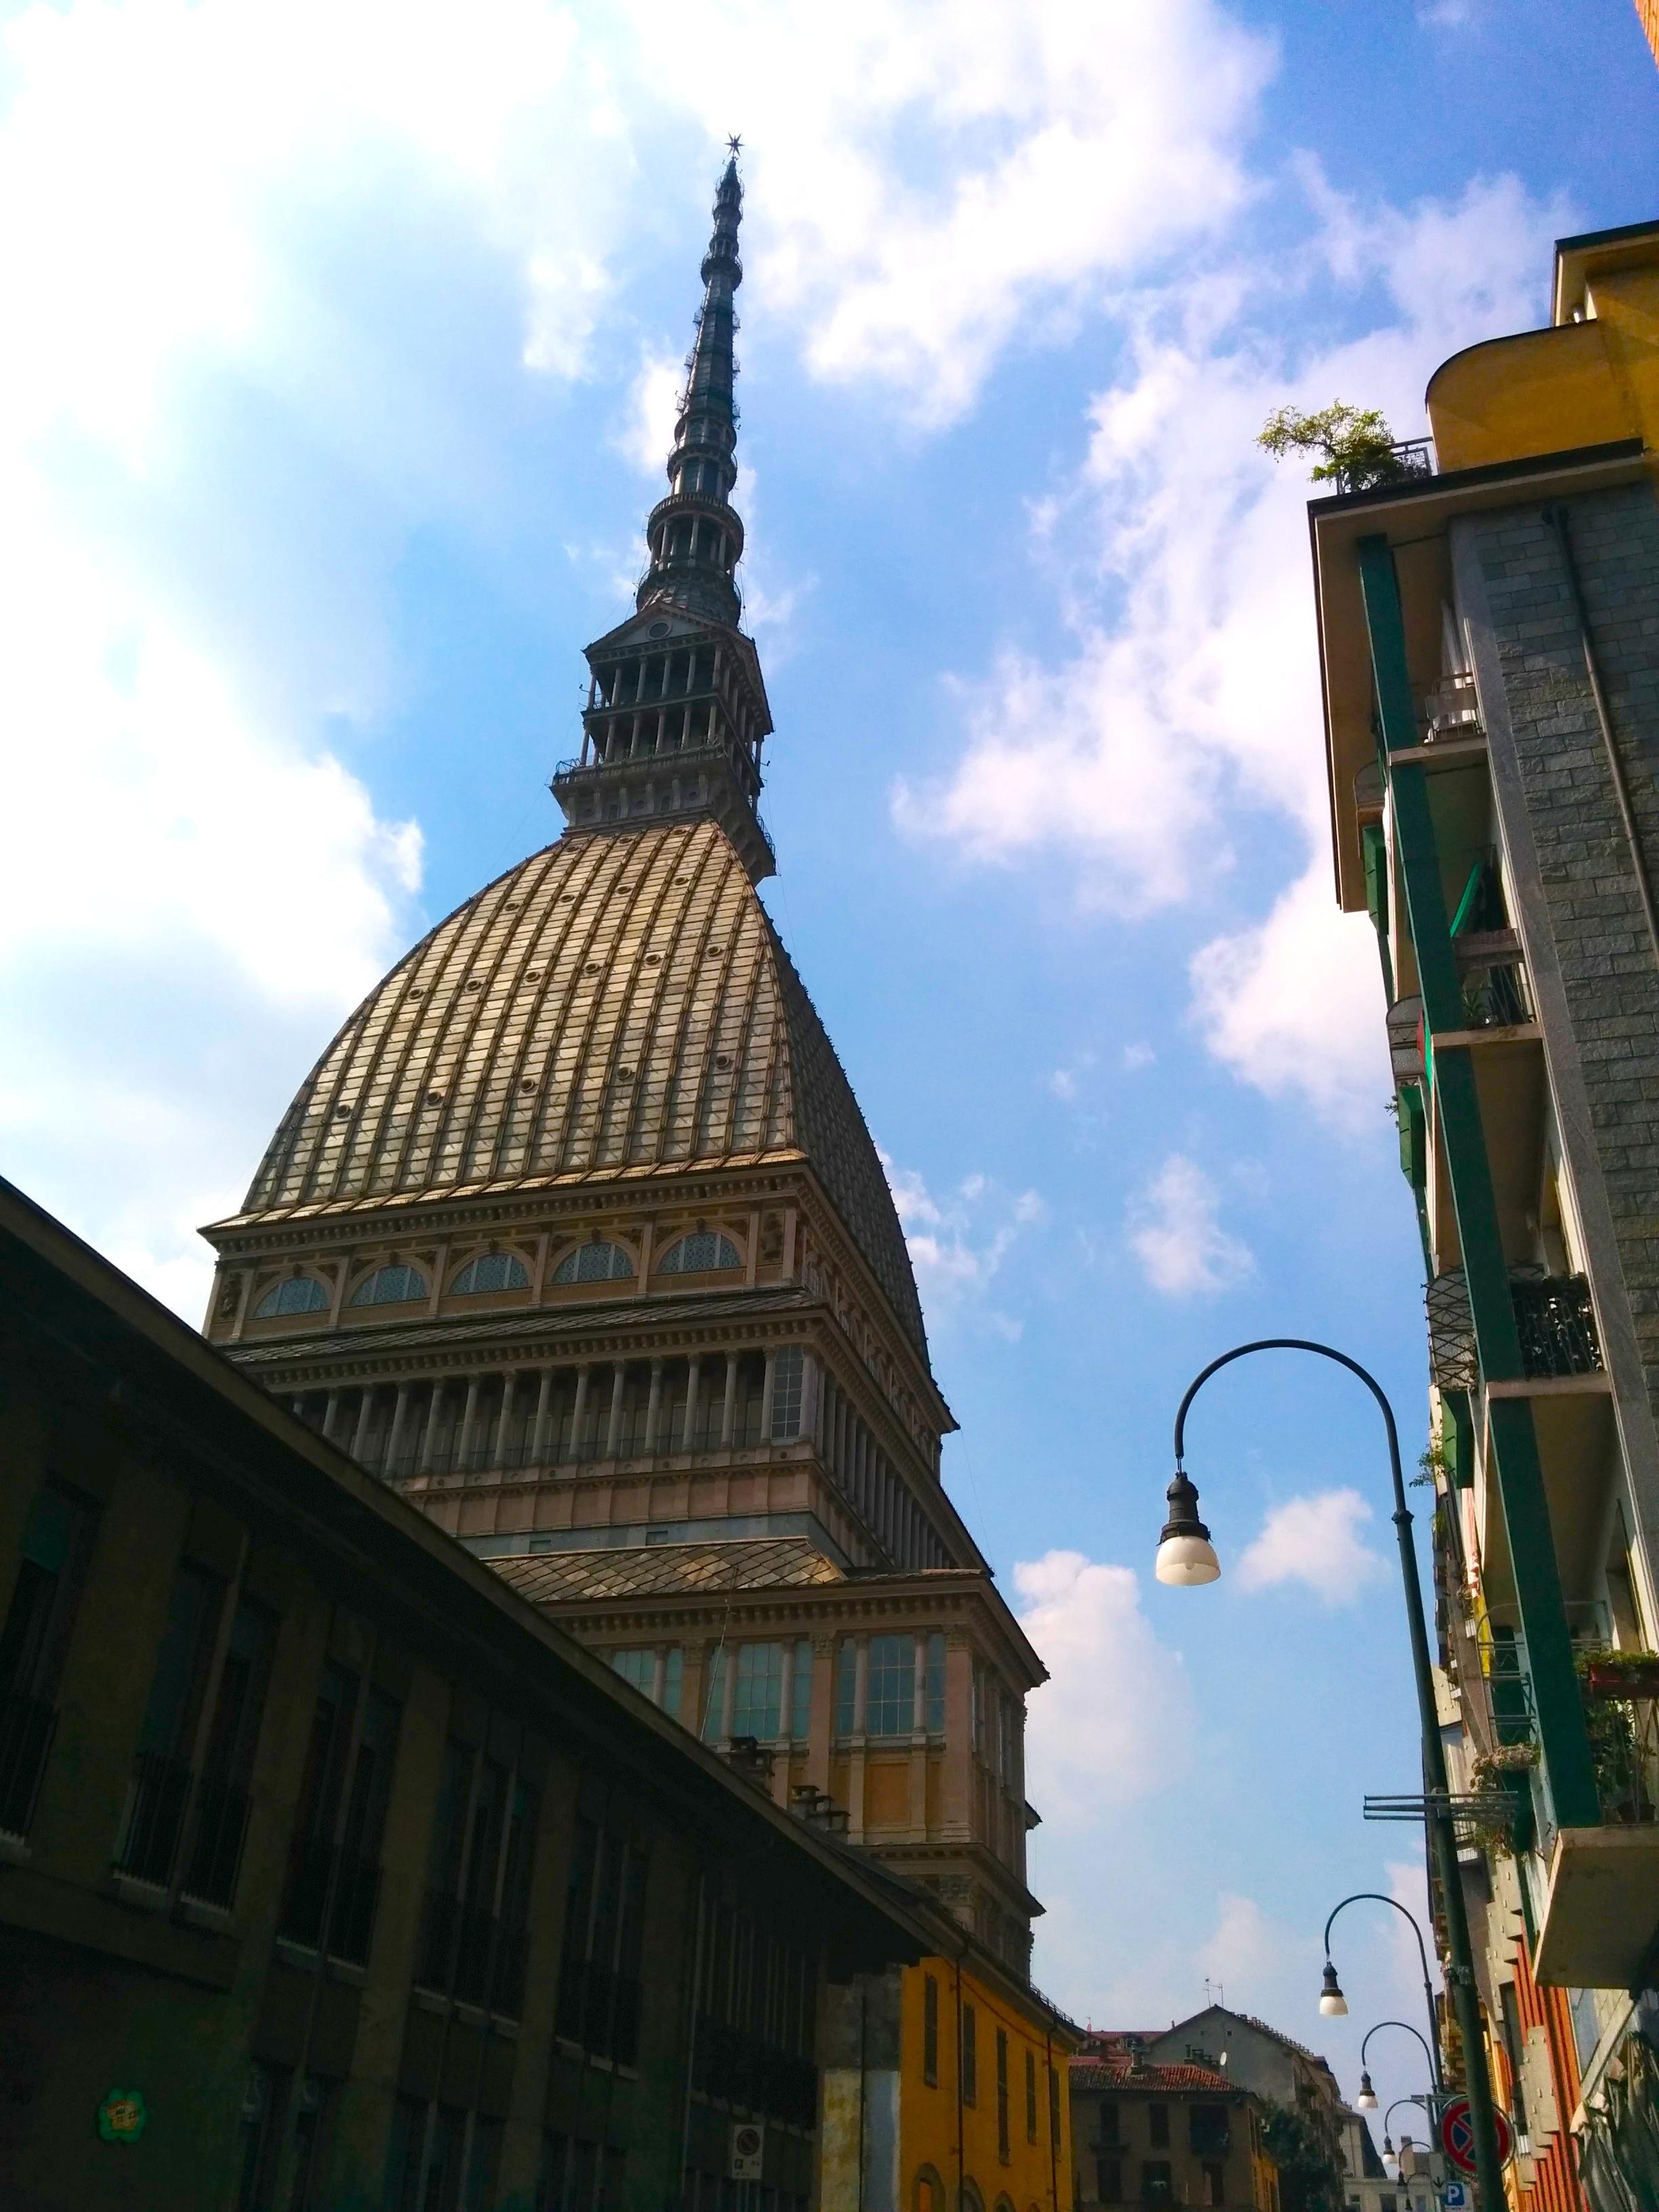 ようこそ!『Torino Daily』へ